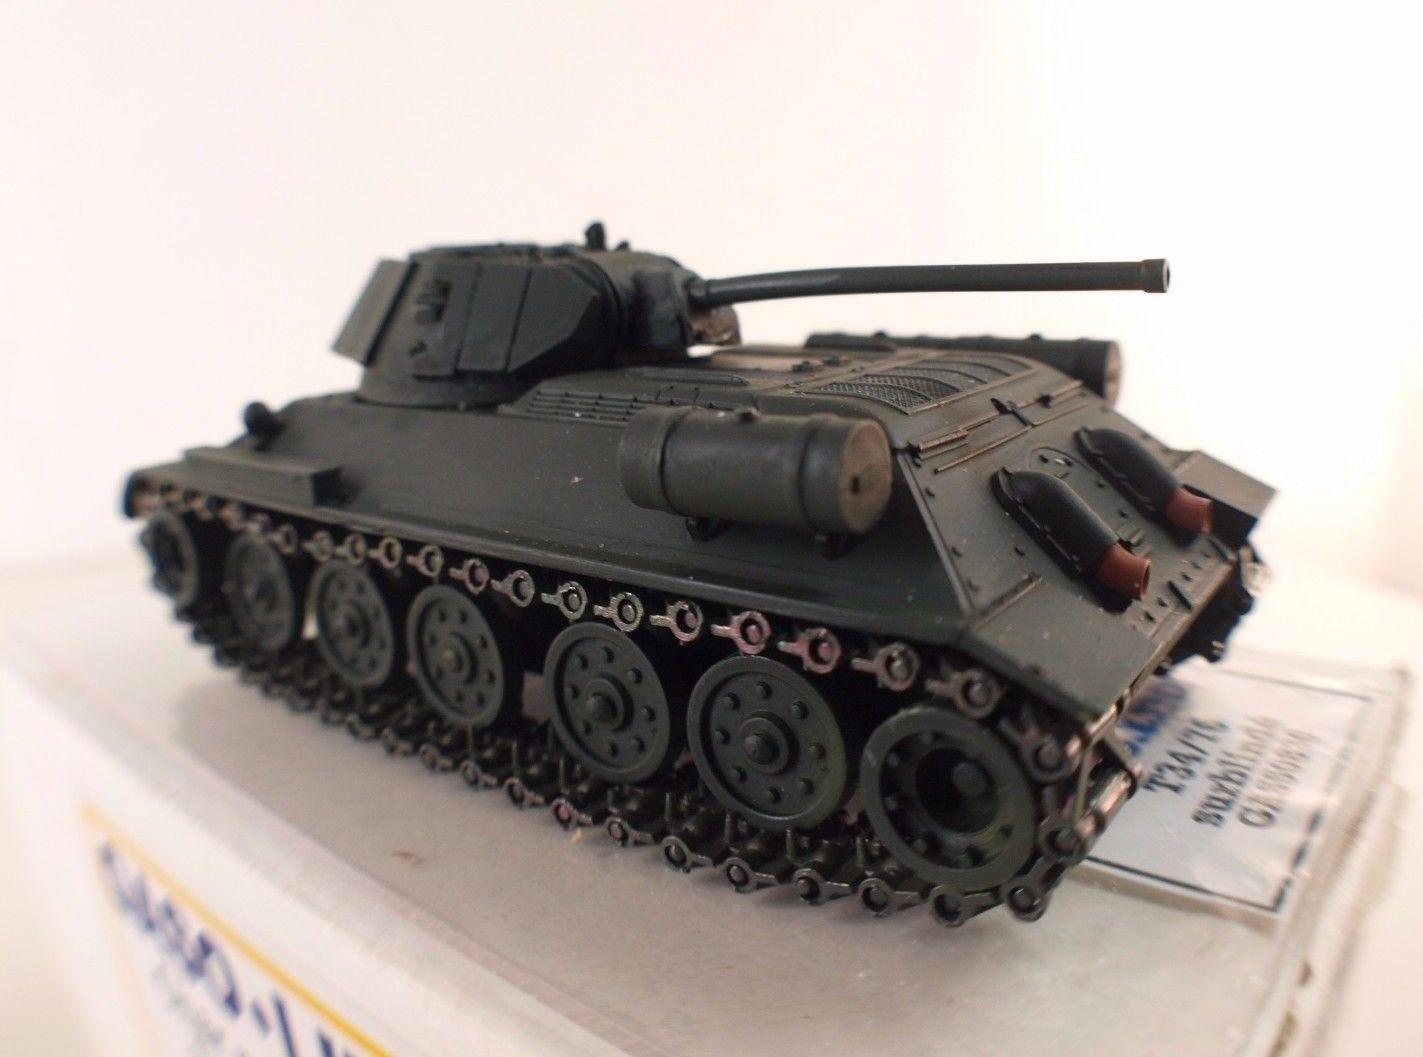 GASO.LINE GAS50830M GAS50830M GAS50830M Char moyen russe T34/76 Zavod 27 1942 tank neuf boite mint | Le Moins Cher  bf744f